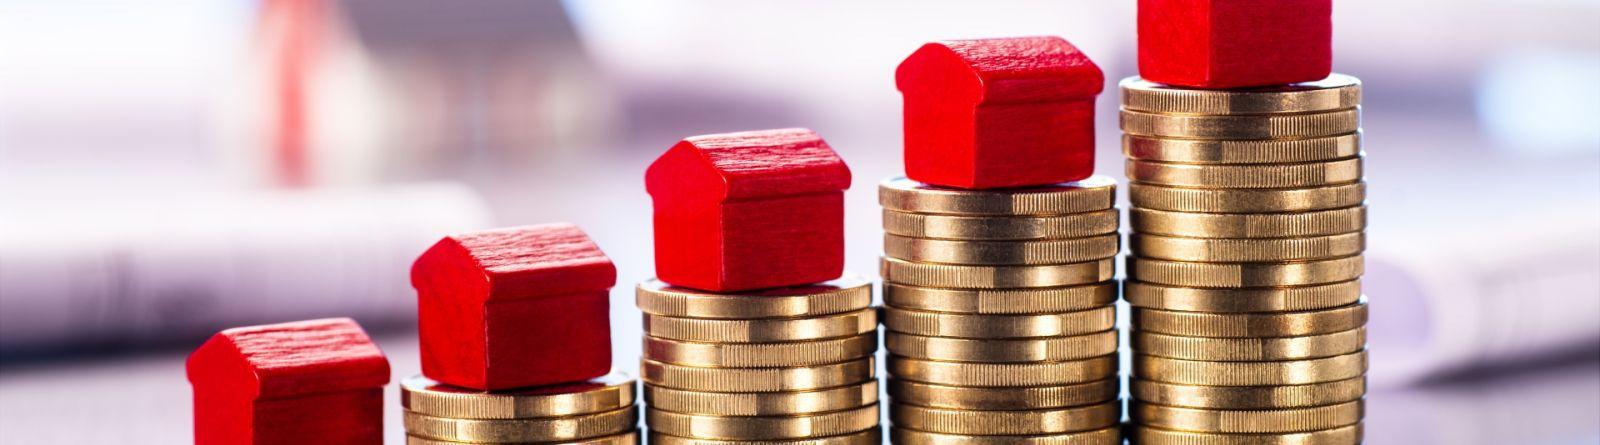 Con Biden risvolti positivi per il mercato immobiliare